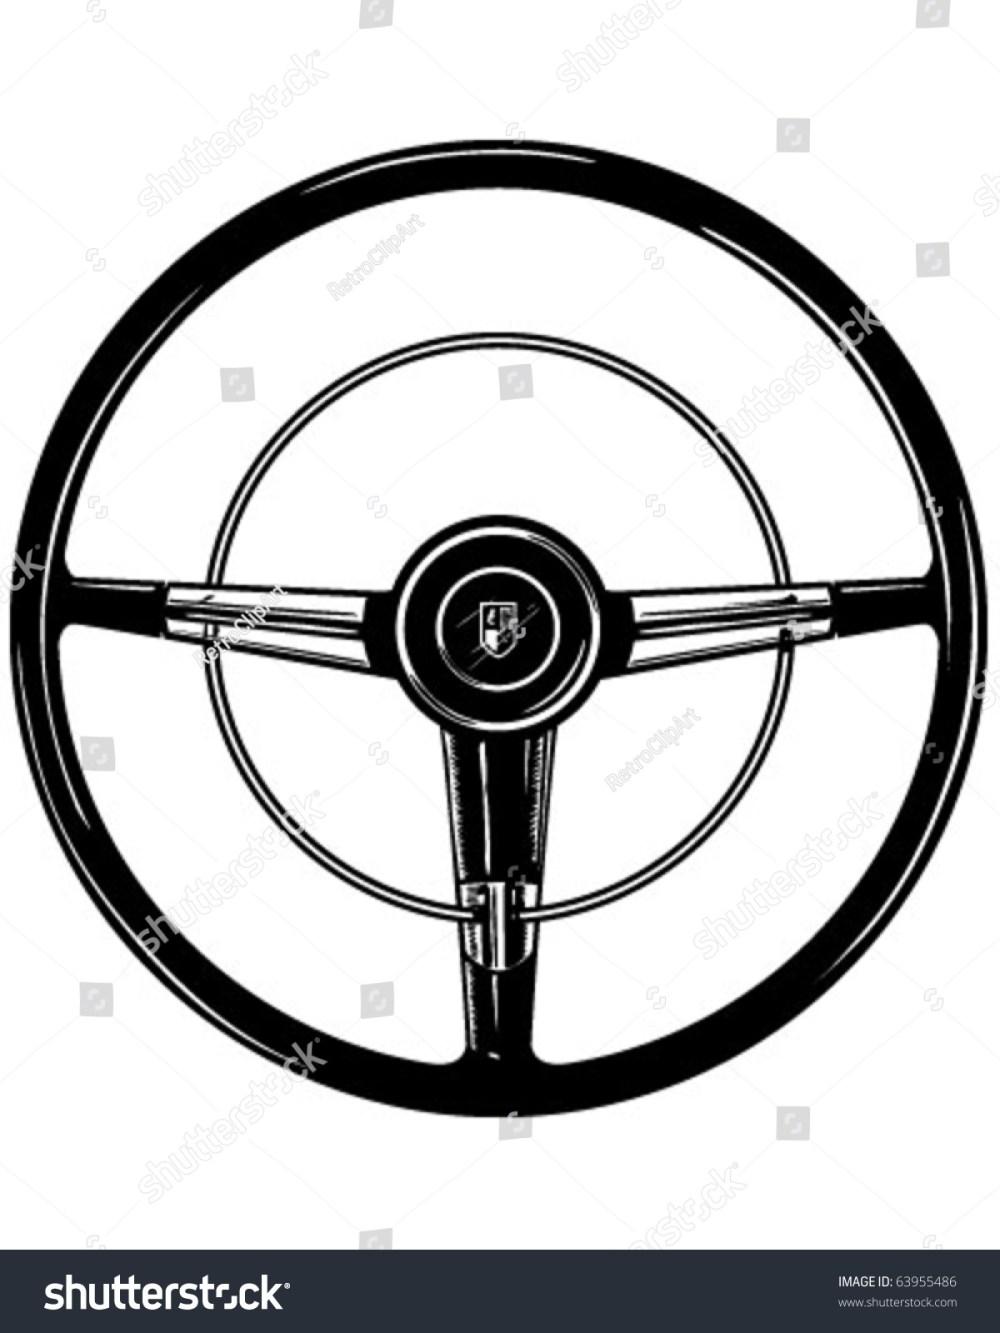 medium resolution of retro steering wheel clipart illustration